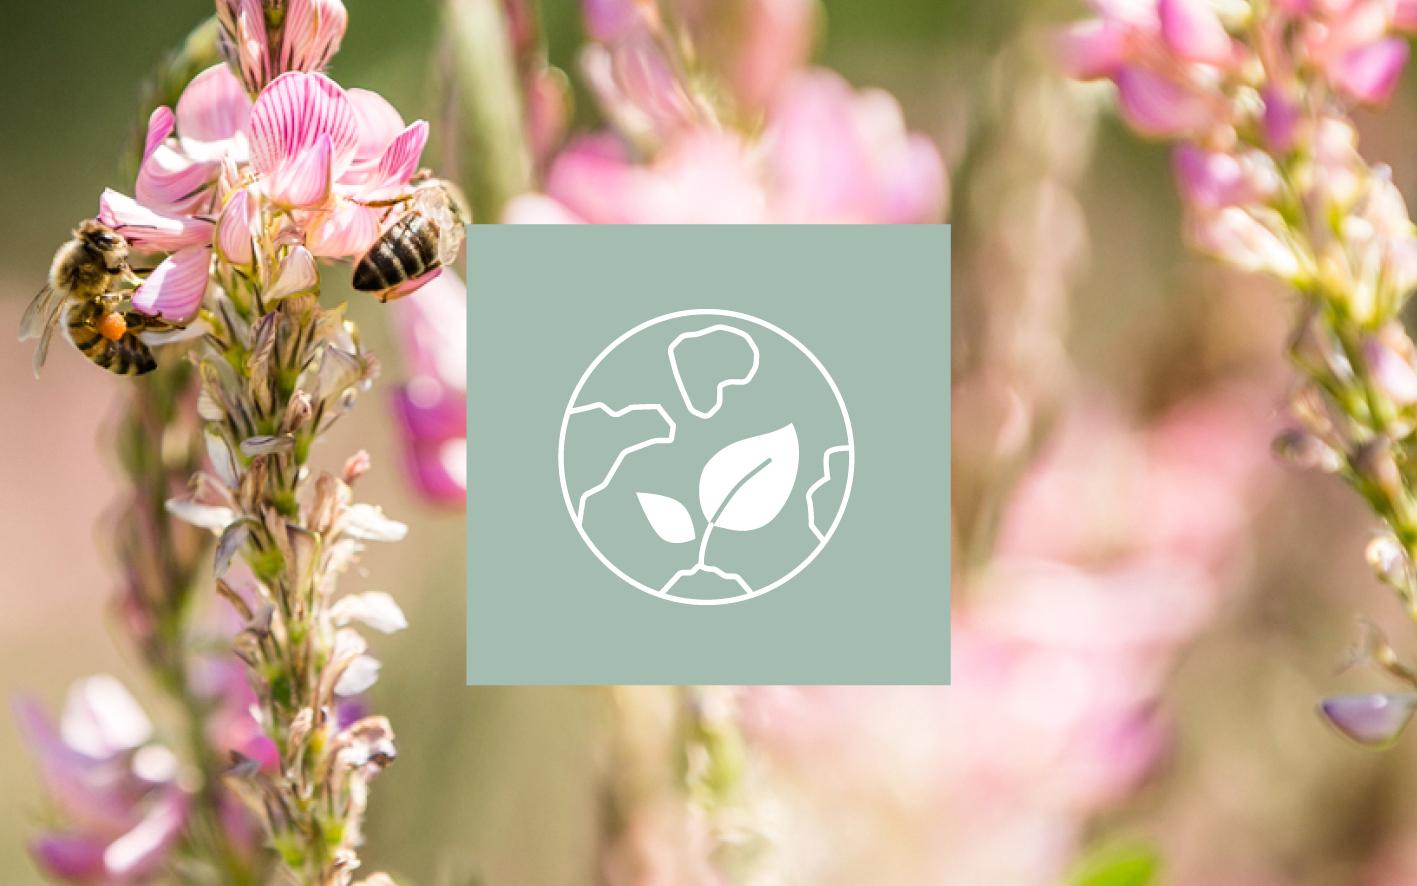 ekološka kozmetika Melvita - čebele